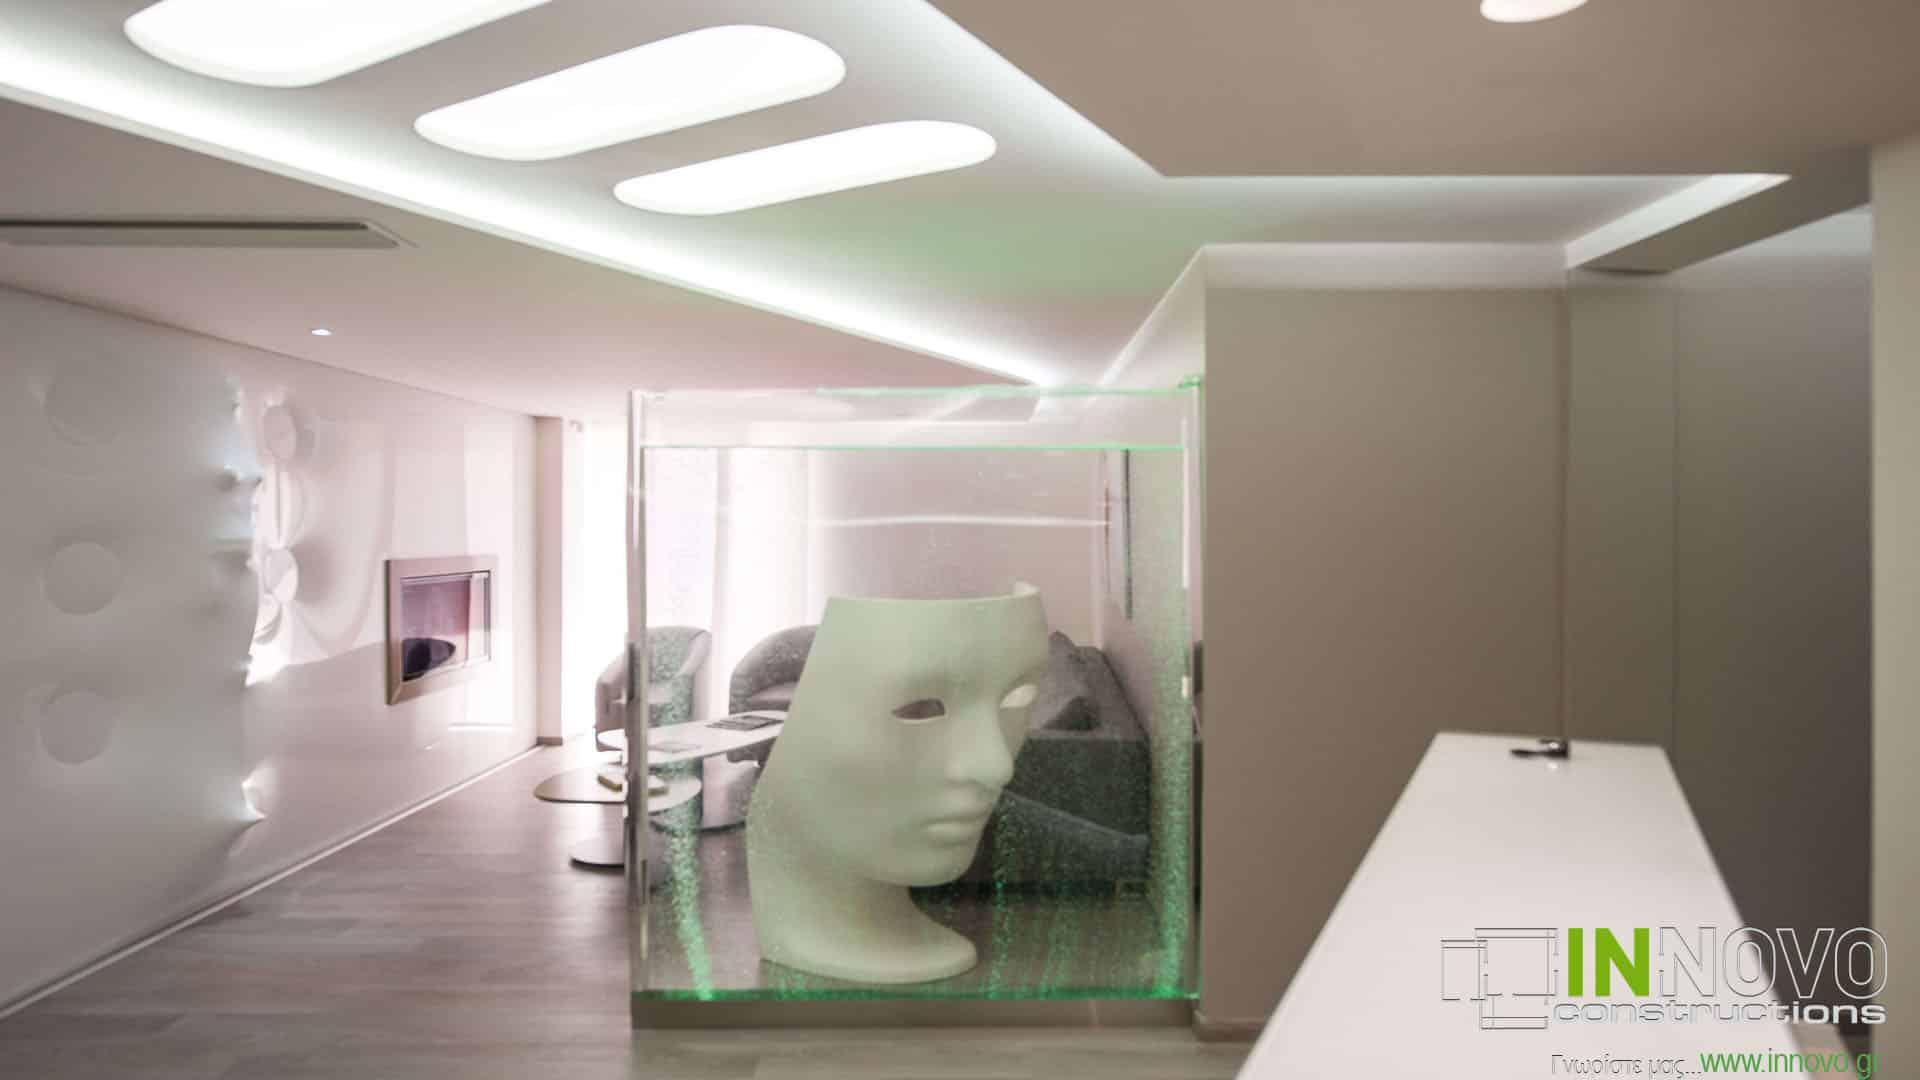 Μελέτη κατασκευής Ιατρείου Πλαστικής Χειρουργικής στην Τρίπολη